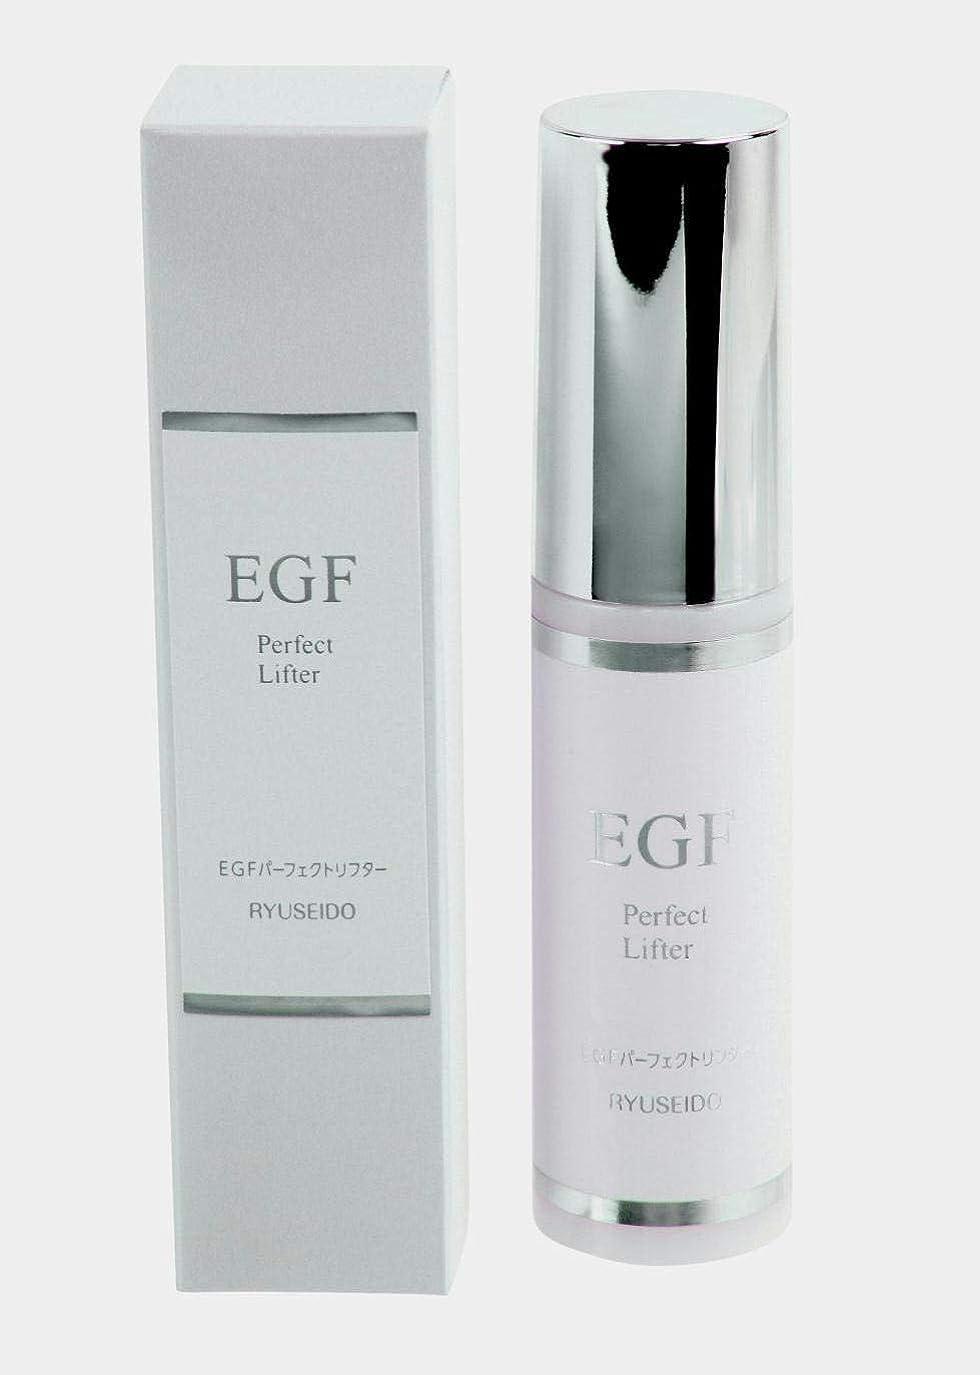 身元ロープ神EGFパーフェクトリフター。植物性EGFにFGF、機能性ビタミンCなど配合。目の周りのたるみ、小じわ、ほうれい線対策に。